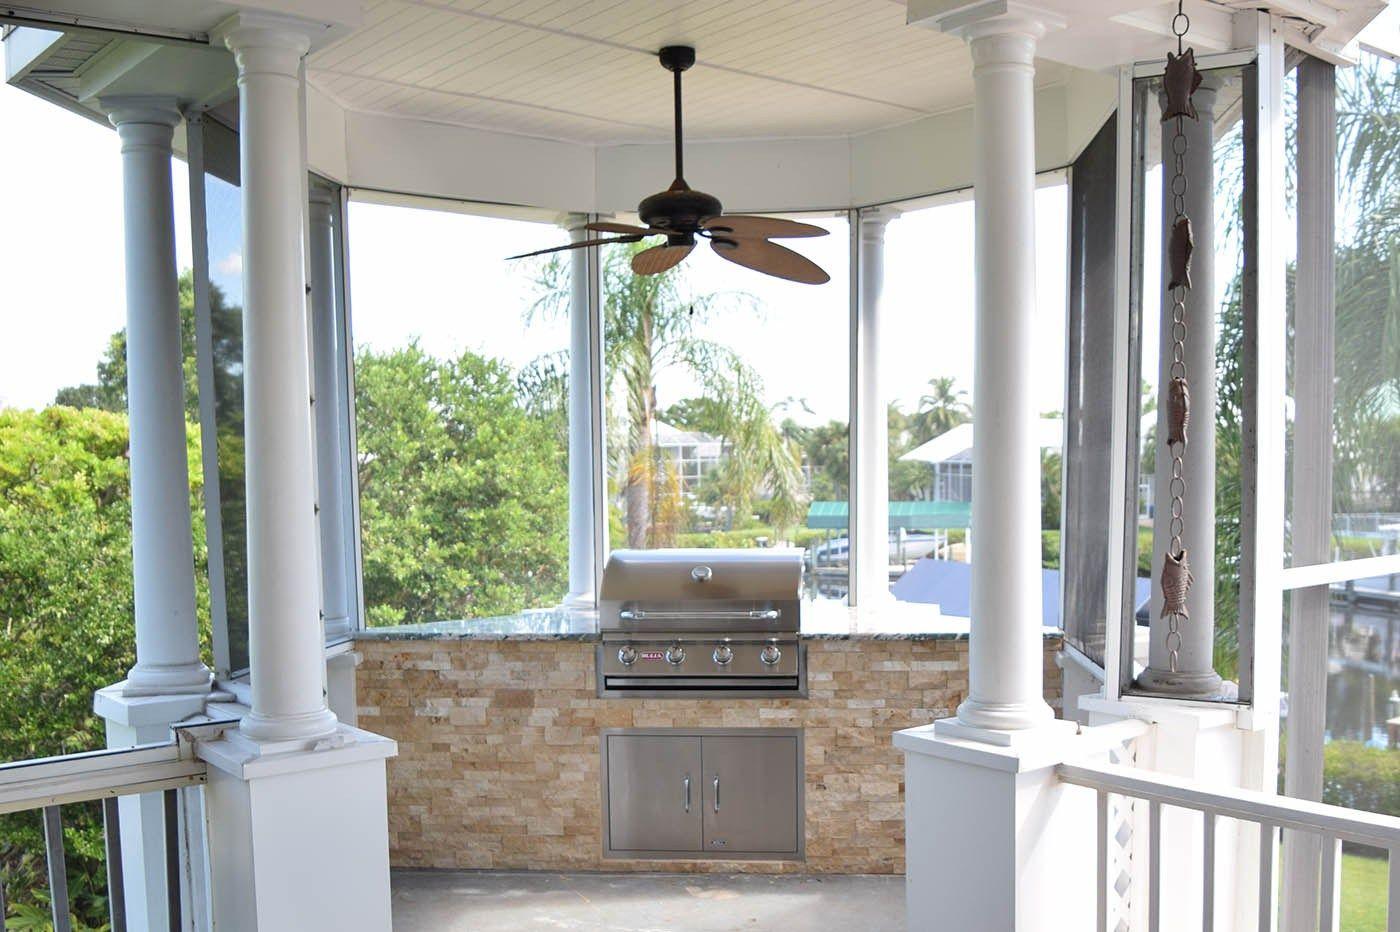 Summer Outdoor Kitchen Tidewater Island In Fort Myers Elegant Outdoor Kitchens Outdoor Kitchen Build Outdoor Kitchen Outdoor Kitchen Cabinets